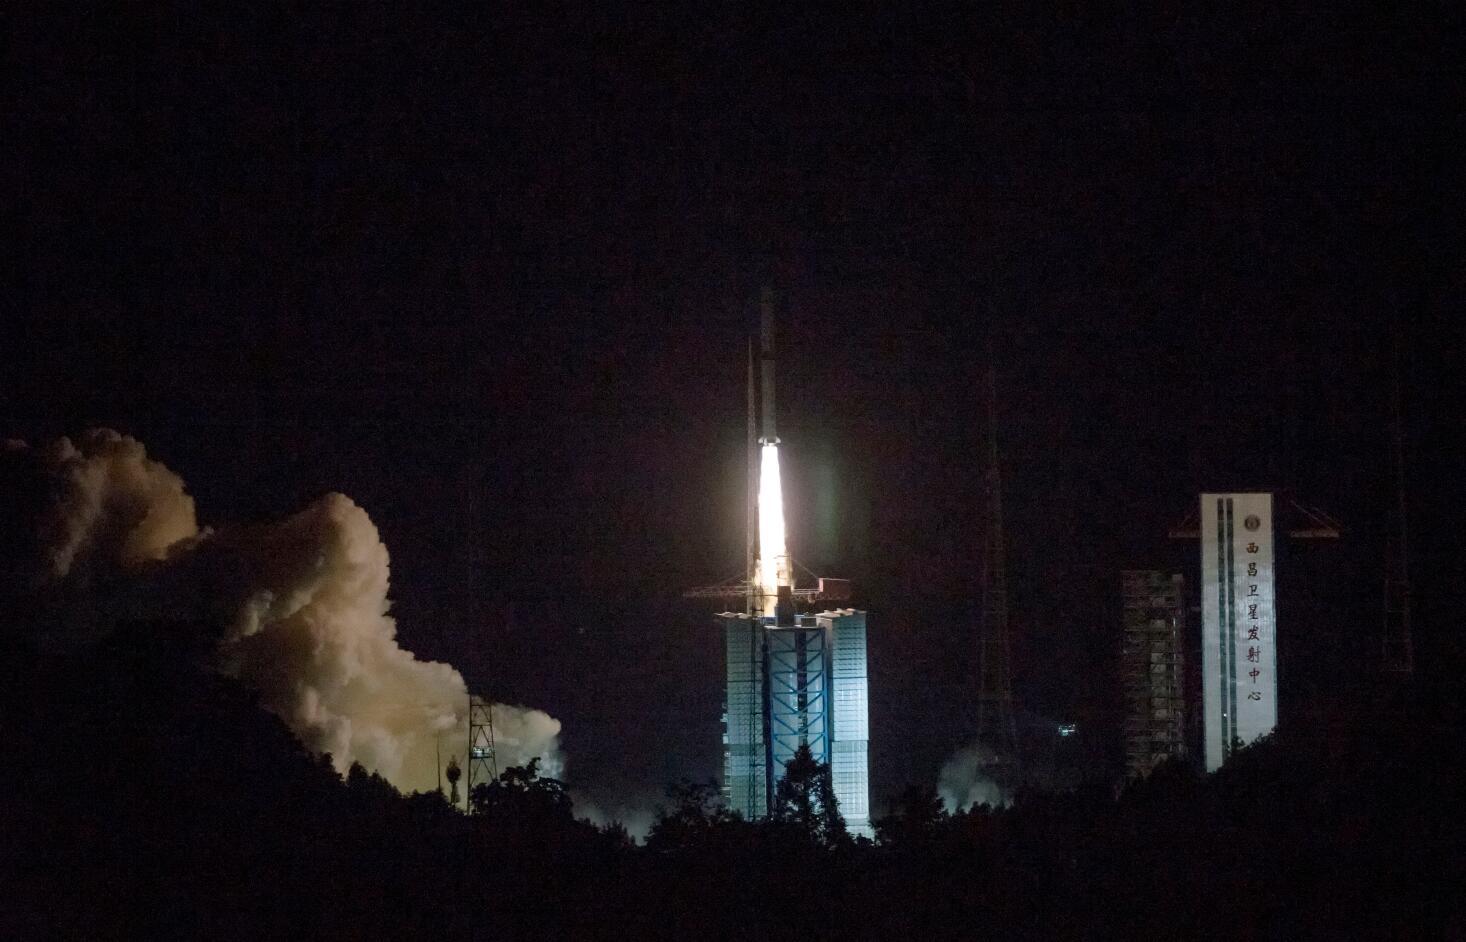 嫦娥六号正在研制 或于2023年发射